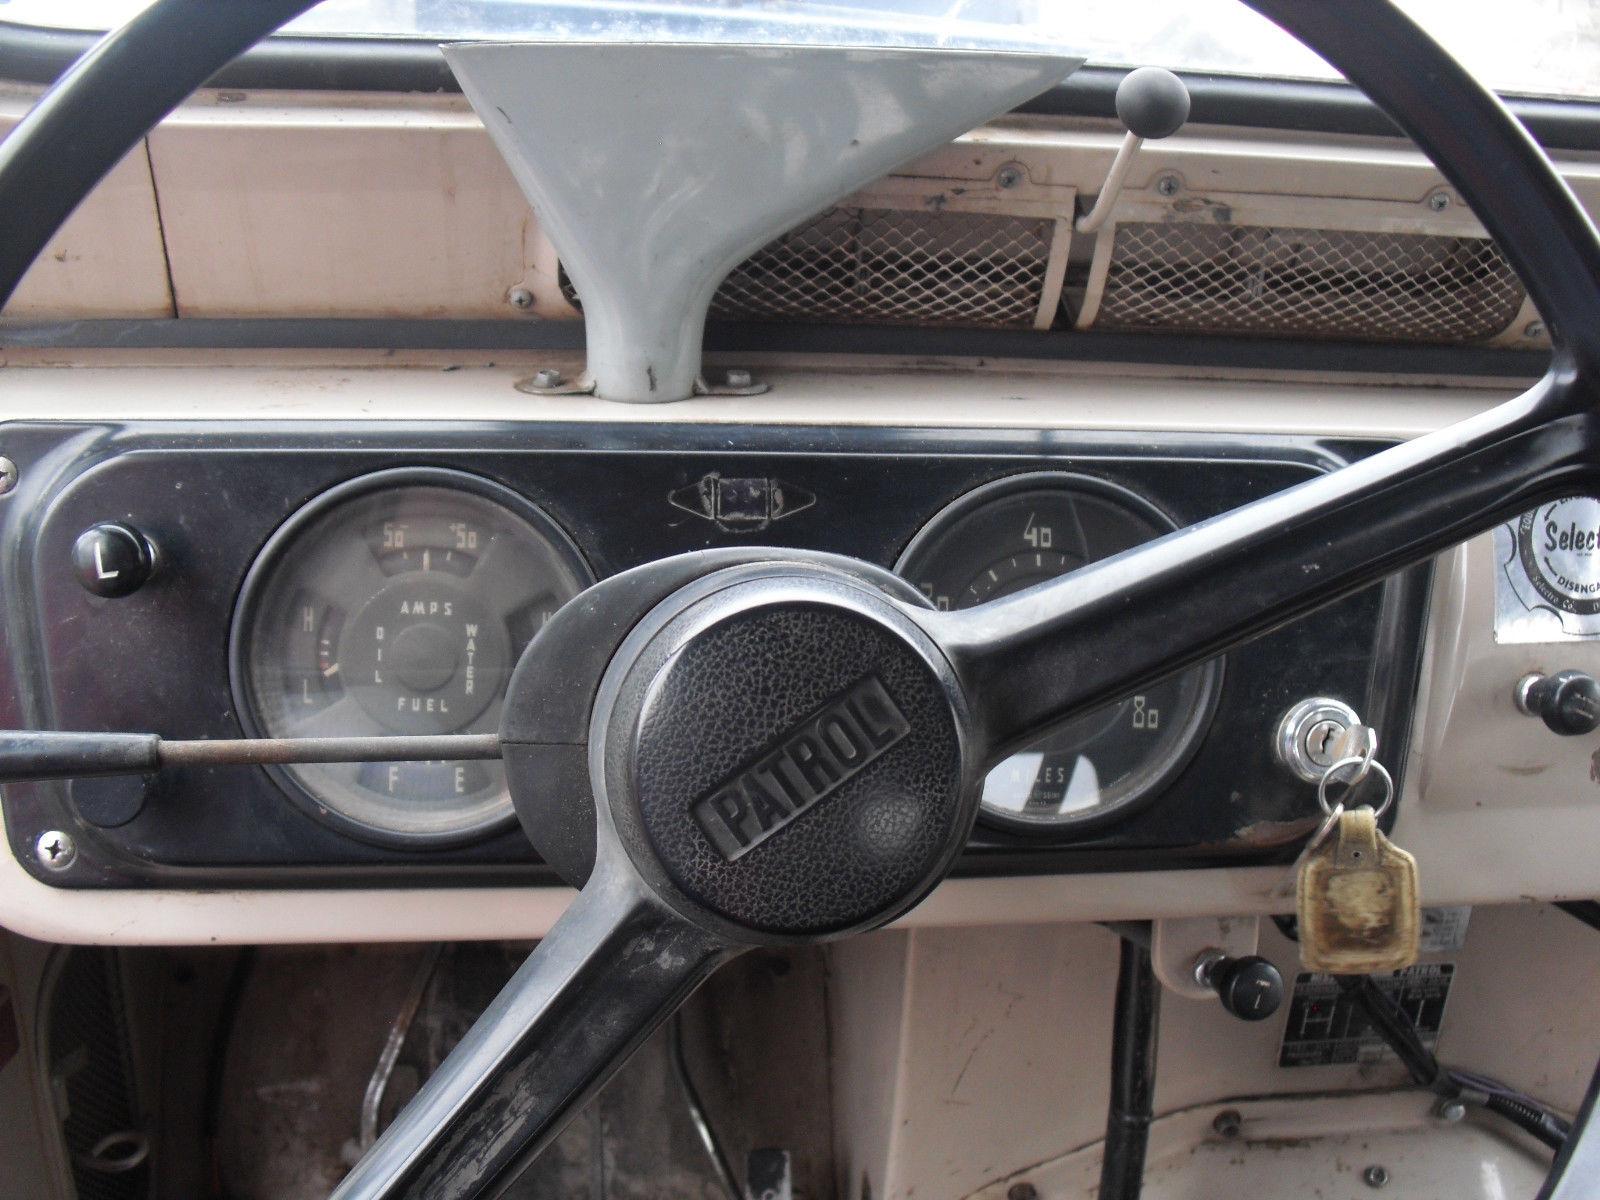 1969 Nissan Patrol Original Condition